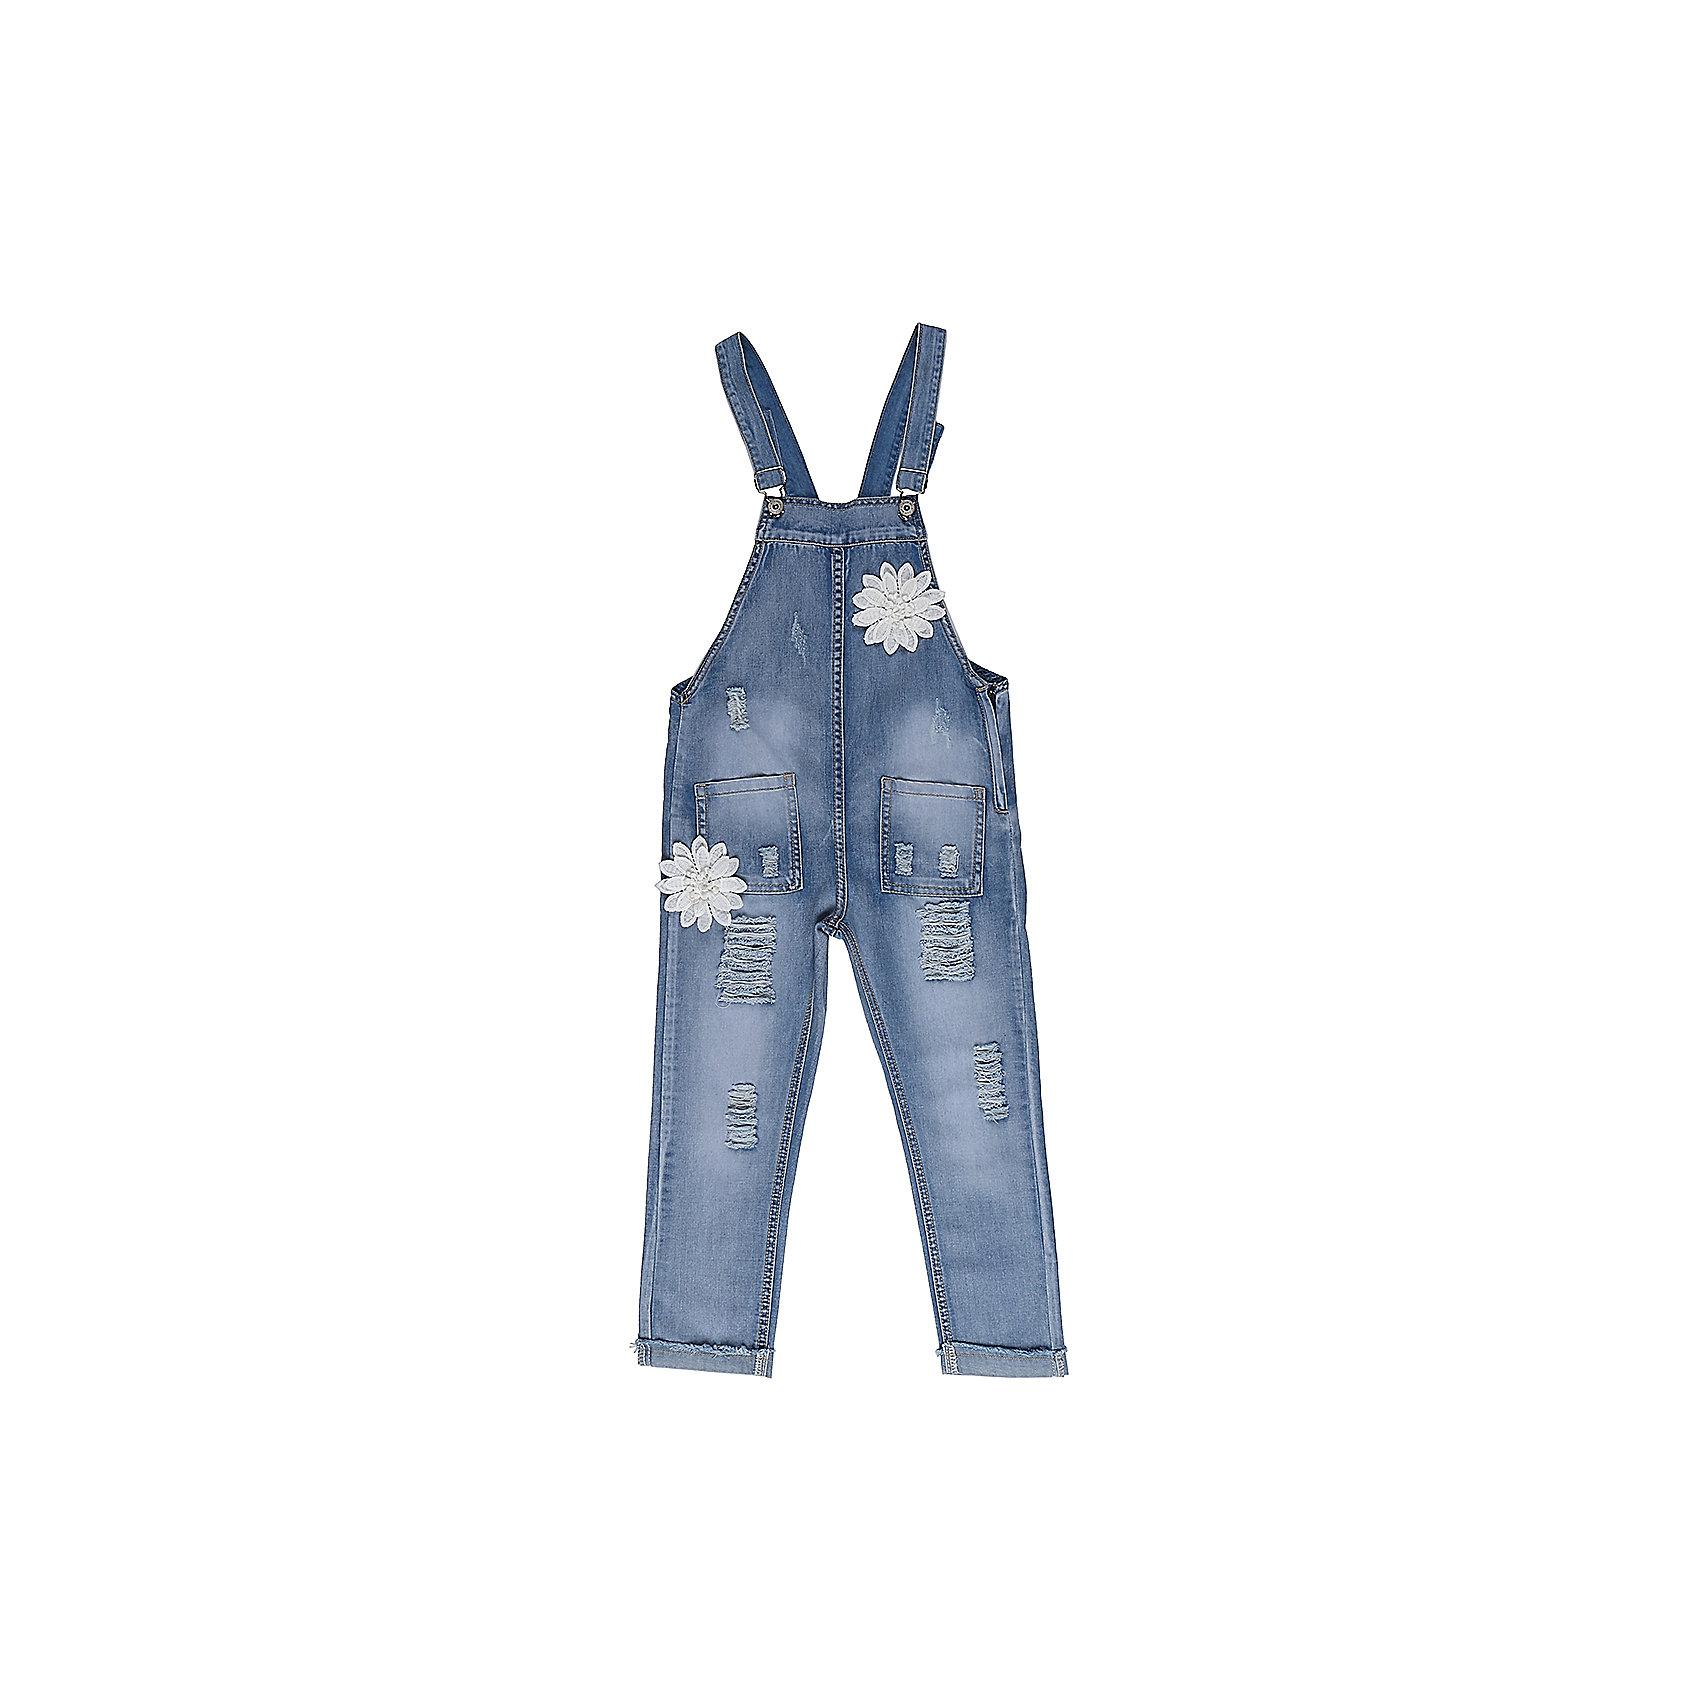 Комбинезон джинсовый для девочки LuminosoДжинсовая одежда<br>Джинсовый полукомбинезон для девочки на регулируемых бретелях. С оригинальной аппликацией  и эффектом рваных джинс. Накладные карманы.<br>Состав:<br>98%хлопок 2%эластан<br><br>Ширина мм: 215<br>Глубина мм: 88<br>Высота мм: 191<br>Вес г: 336<br>Цвет: синий<br>Возраст от месяцев: 156<br>Возраст до месяцев: 168<br>Пол: Женский<br>Возраст: Детский<br>Размер: 164,140,134,158,152,146<br>SKU: 5413524